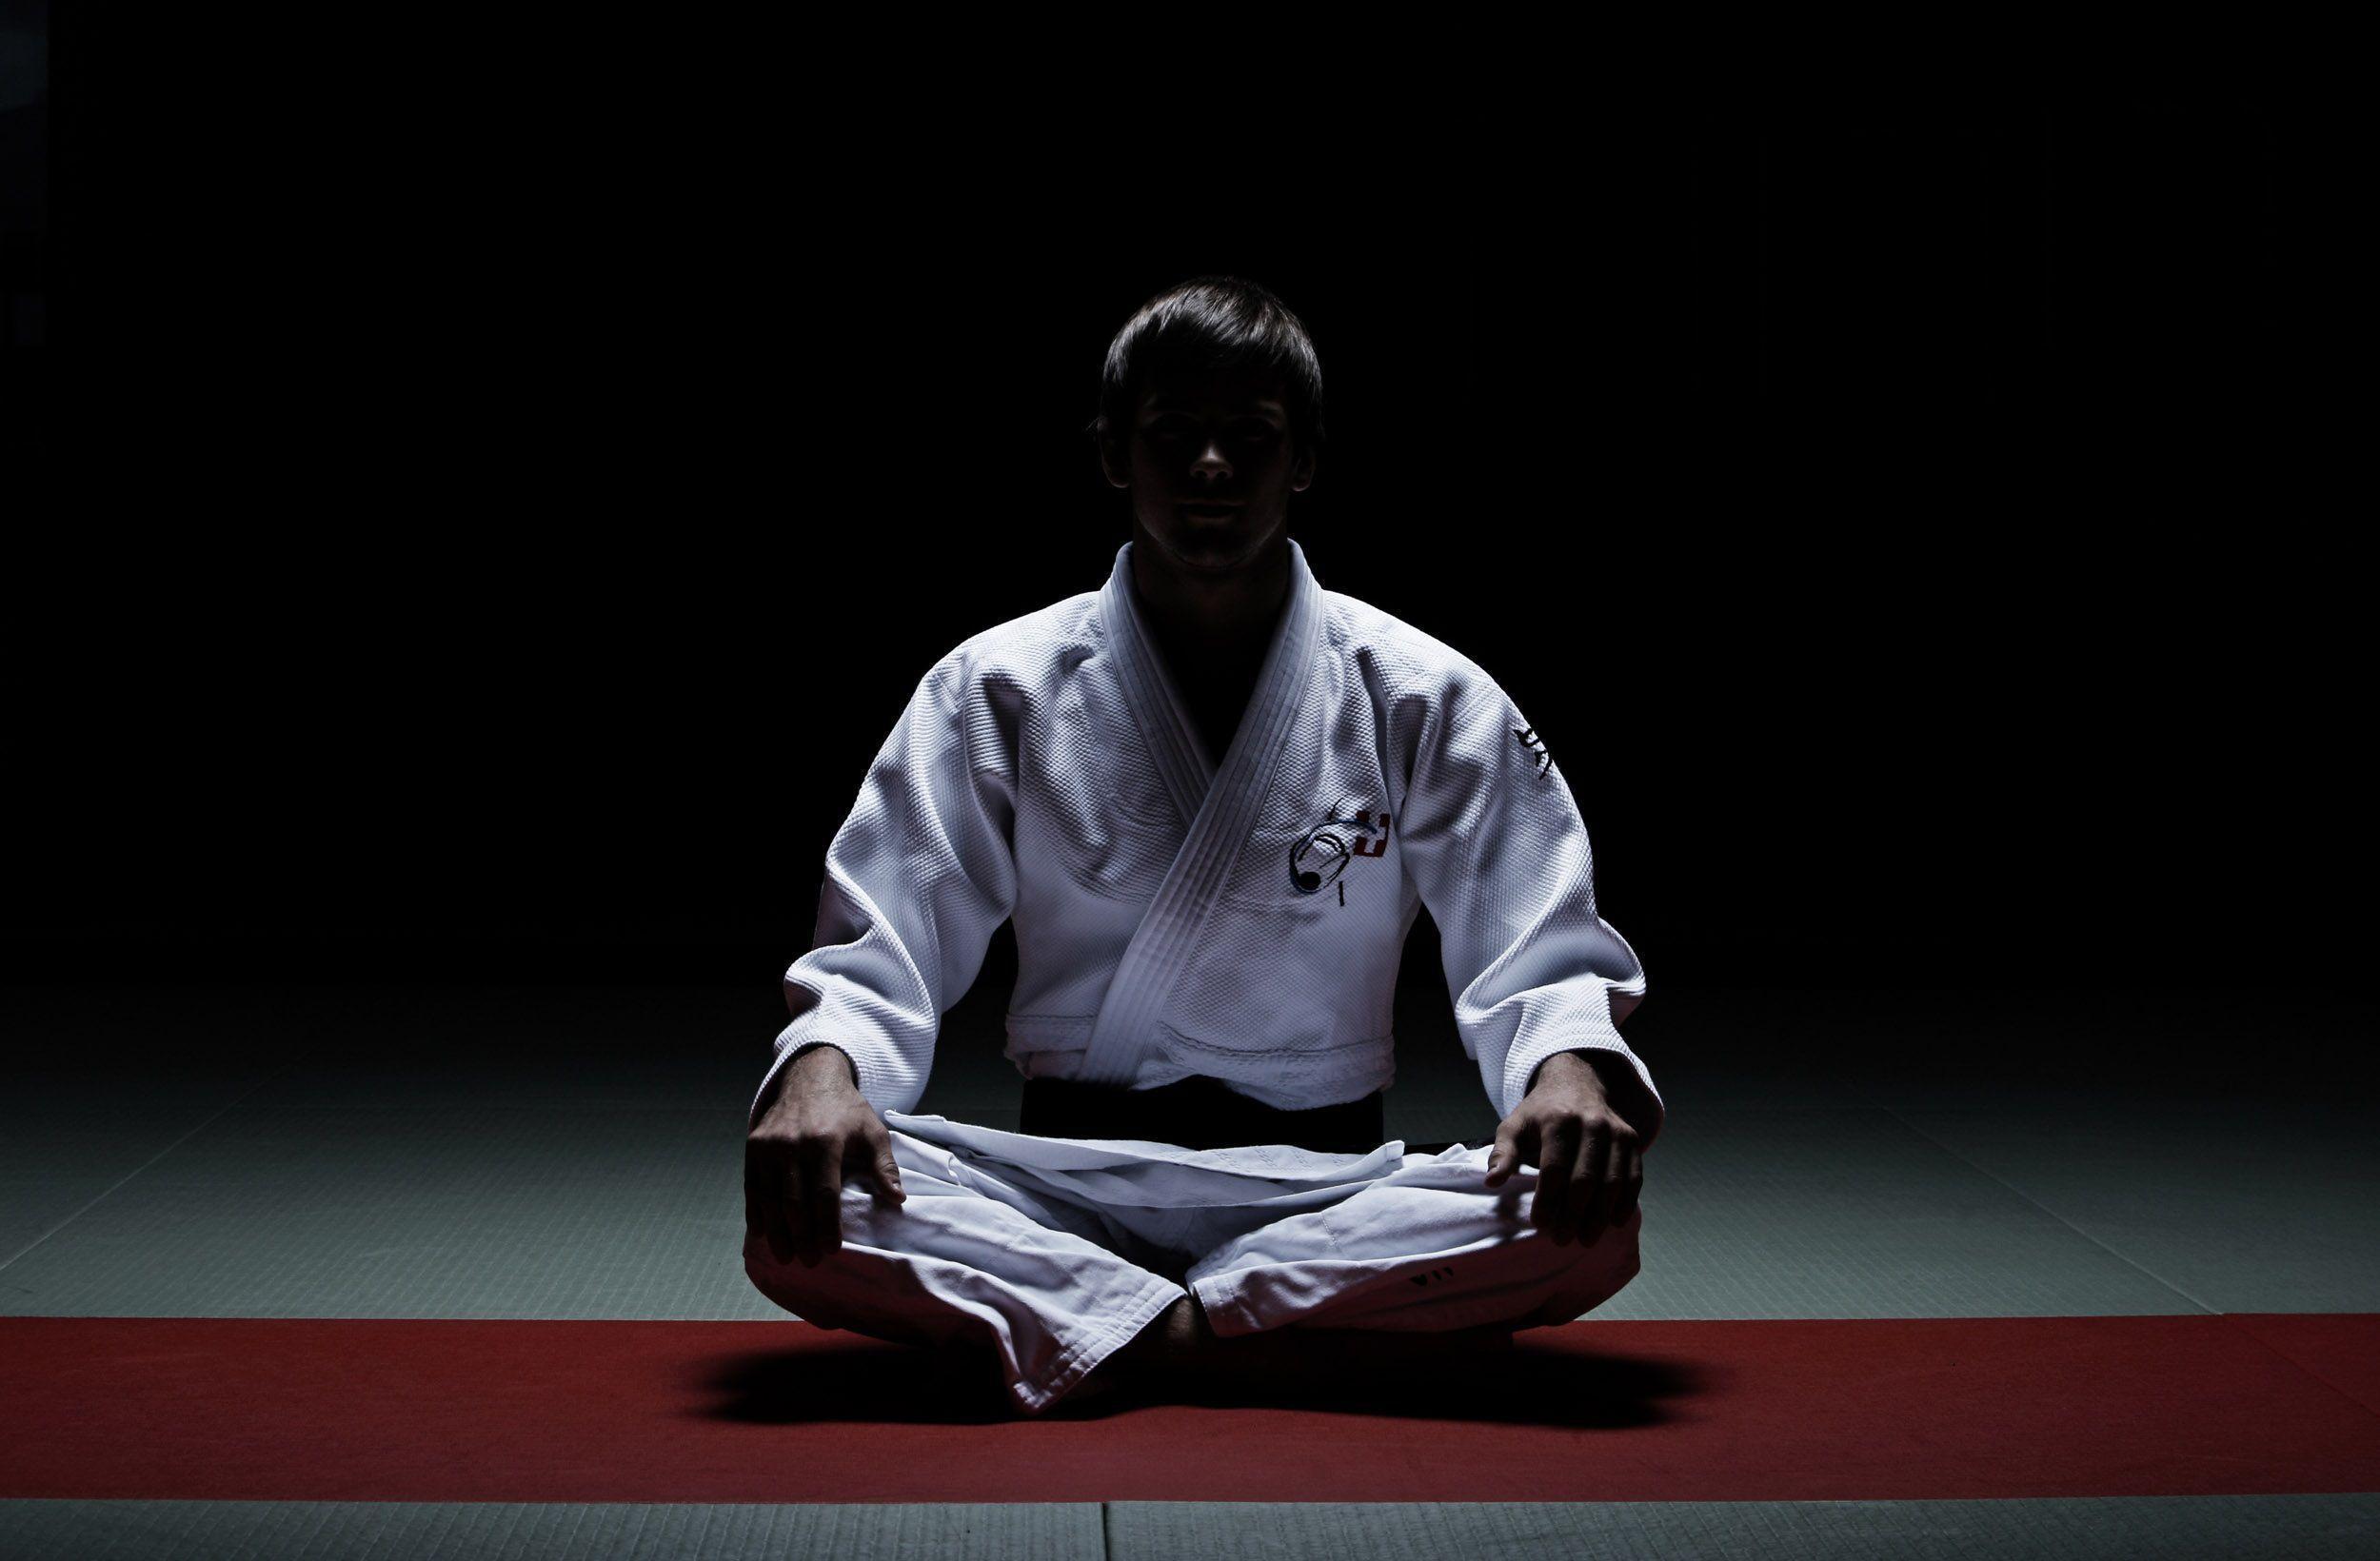 A preparação do atleta de judo veterano para competição